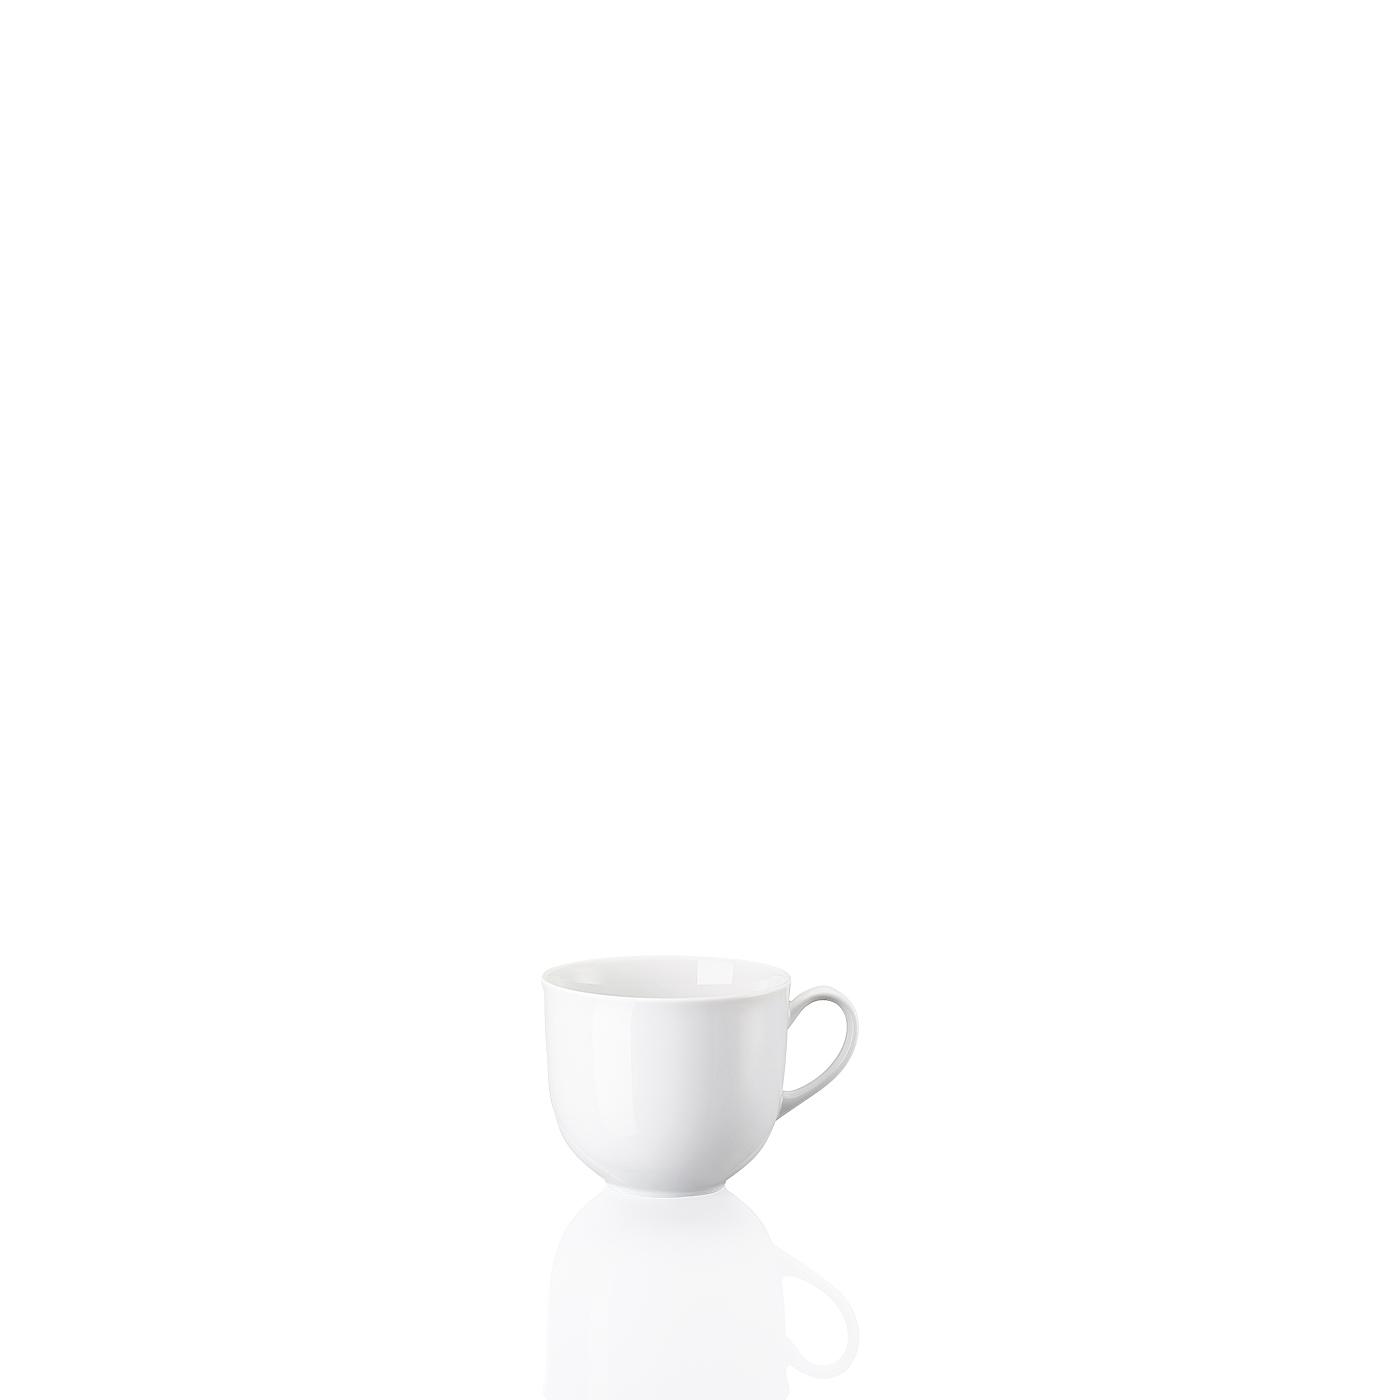 Kaffee-Obertasse Form 1382 Weiss Arzberg